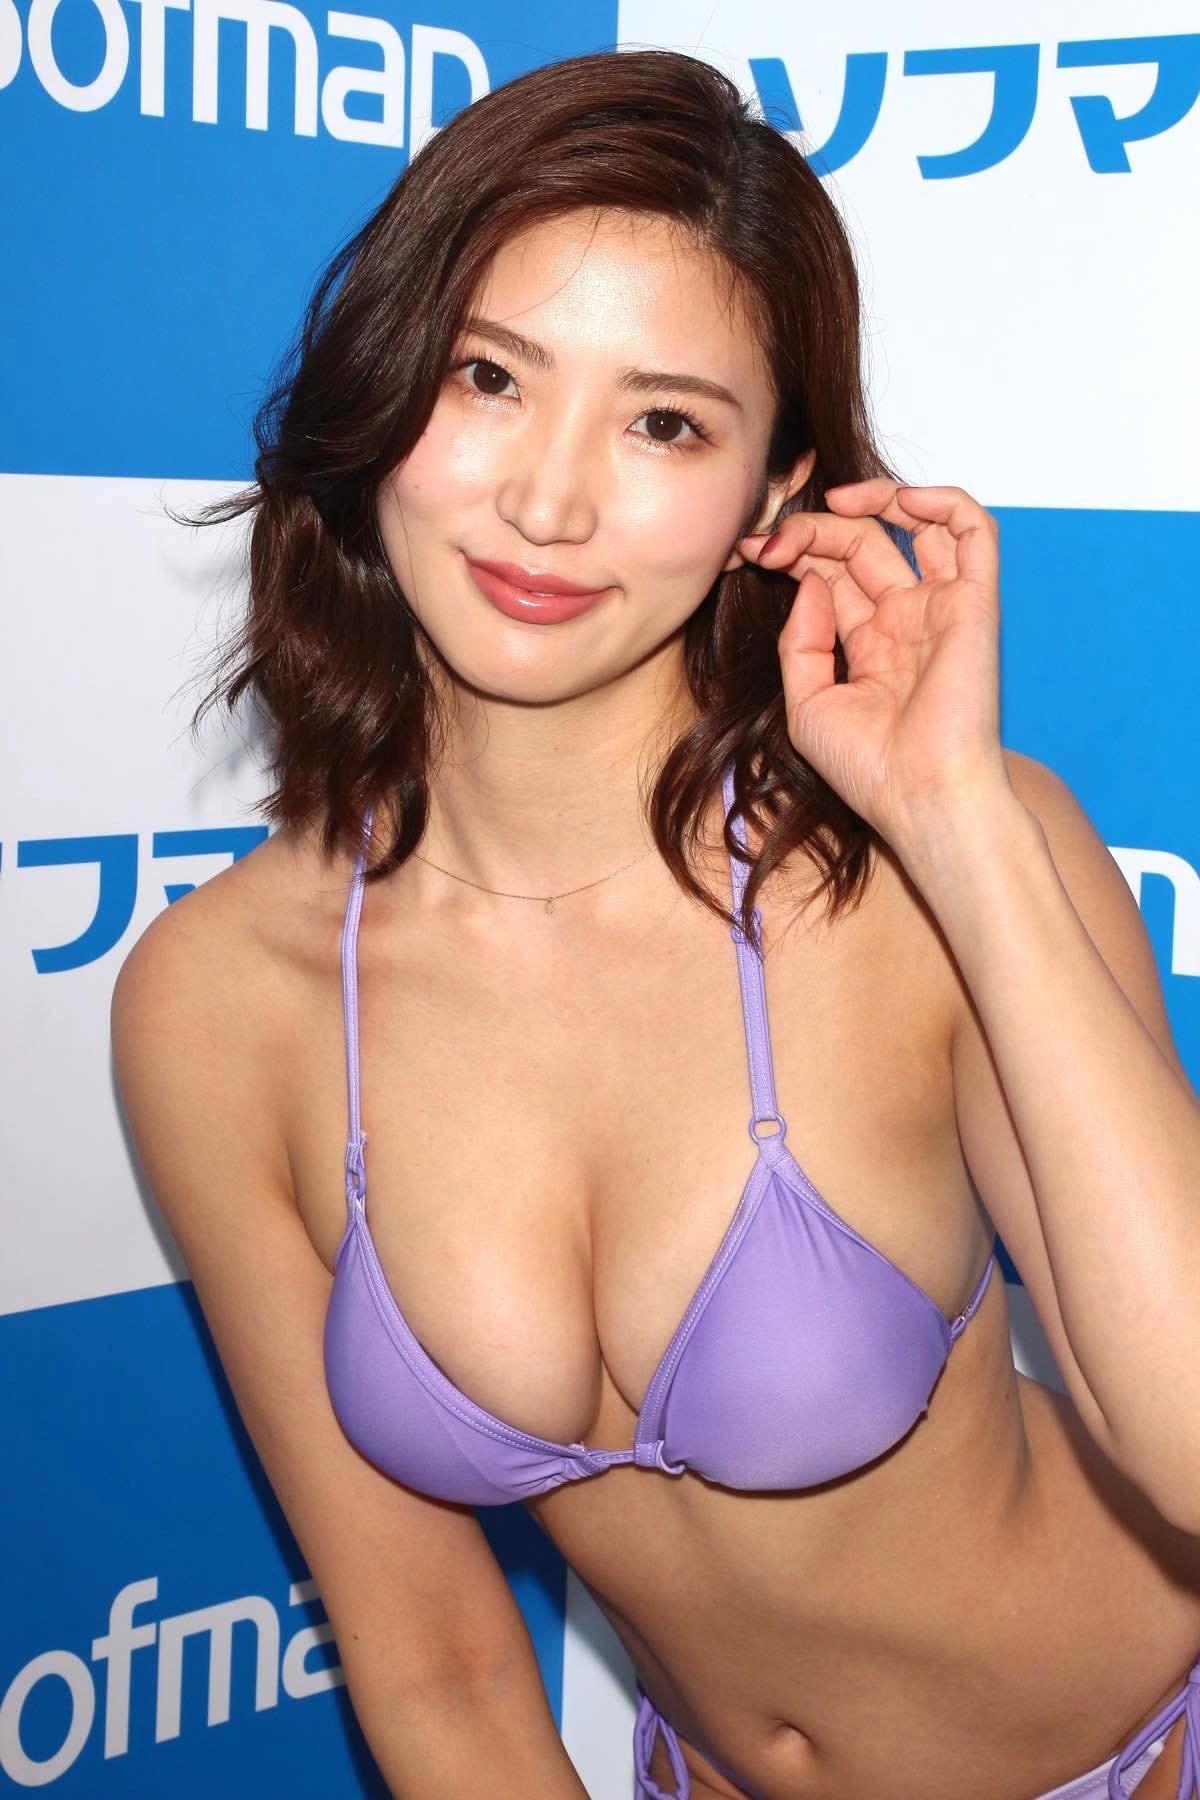 松嶋えいみ「初ローション」でぬるぬるぬるぬる【写真30枚】の画像017